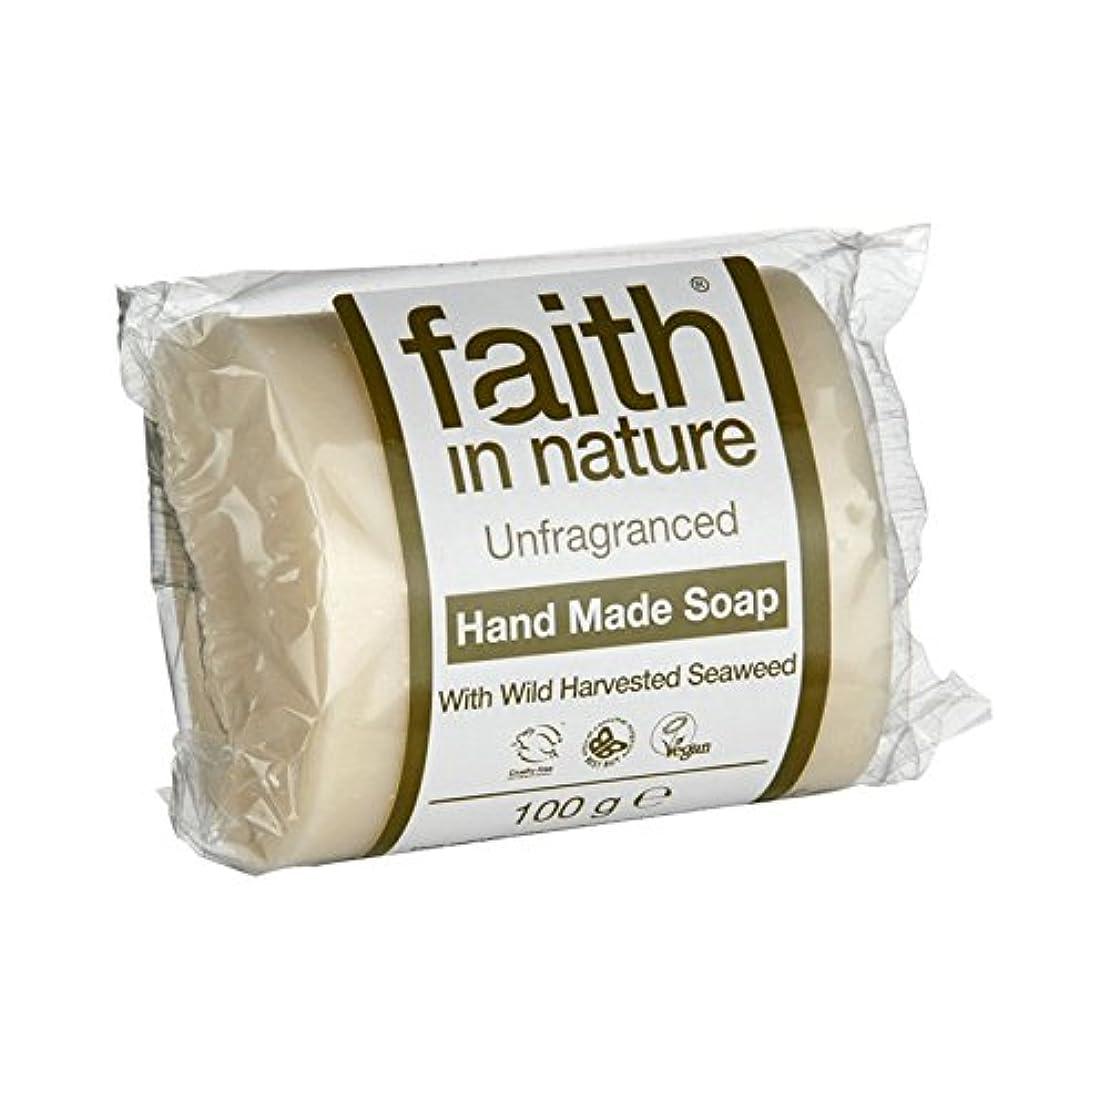 ブロッサムレポートを書く王女Faith in Nature Unfragranced Seaweed Soap 100g (Pack of 2) - 自然無香料海藻石鹸100グラムの信仰 (x2) [並行輸入品]